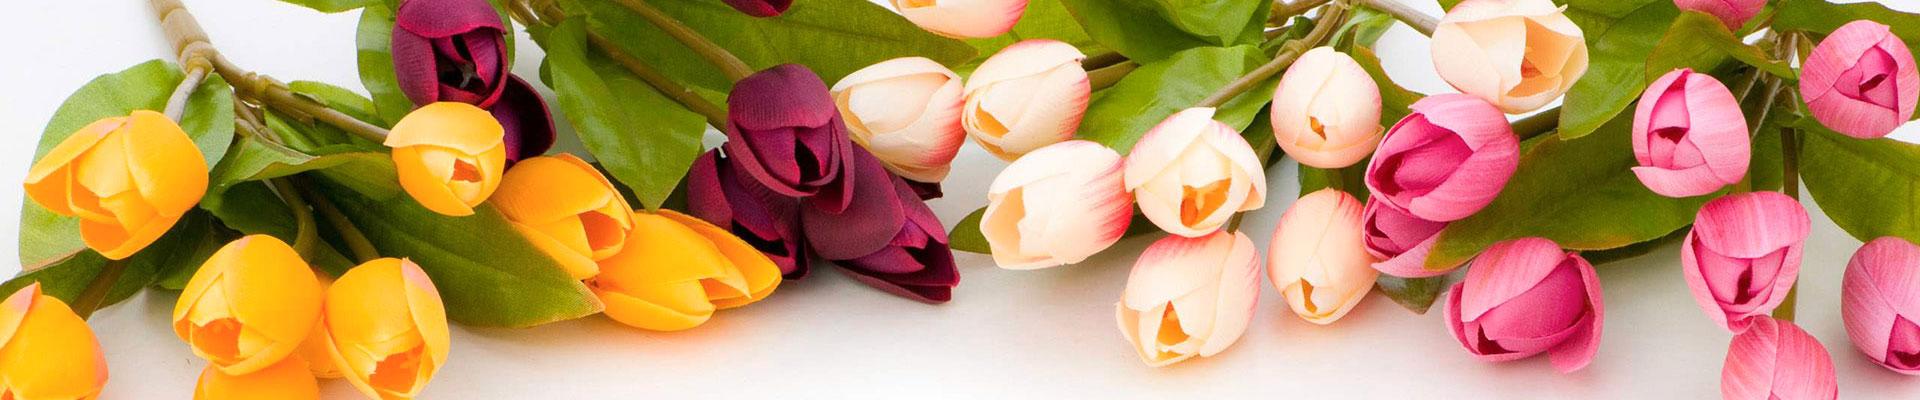 fiori_ord